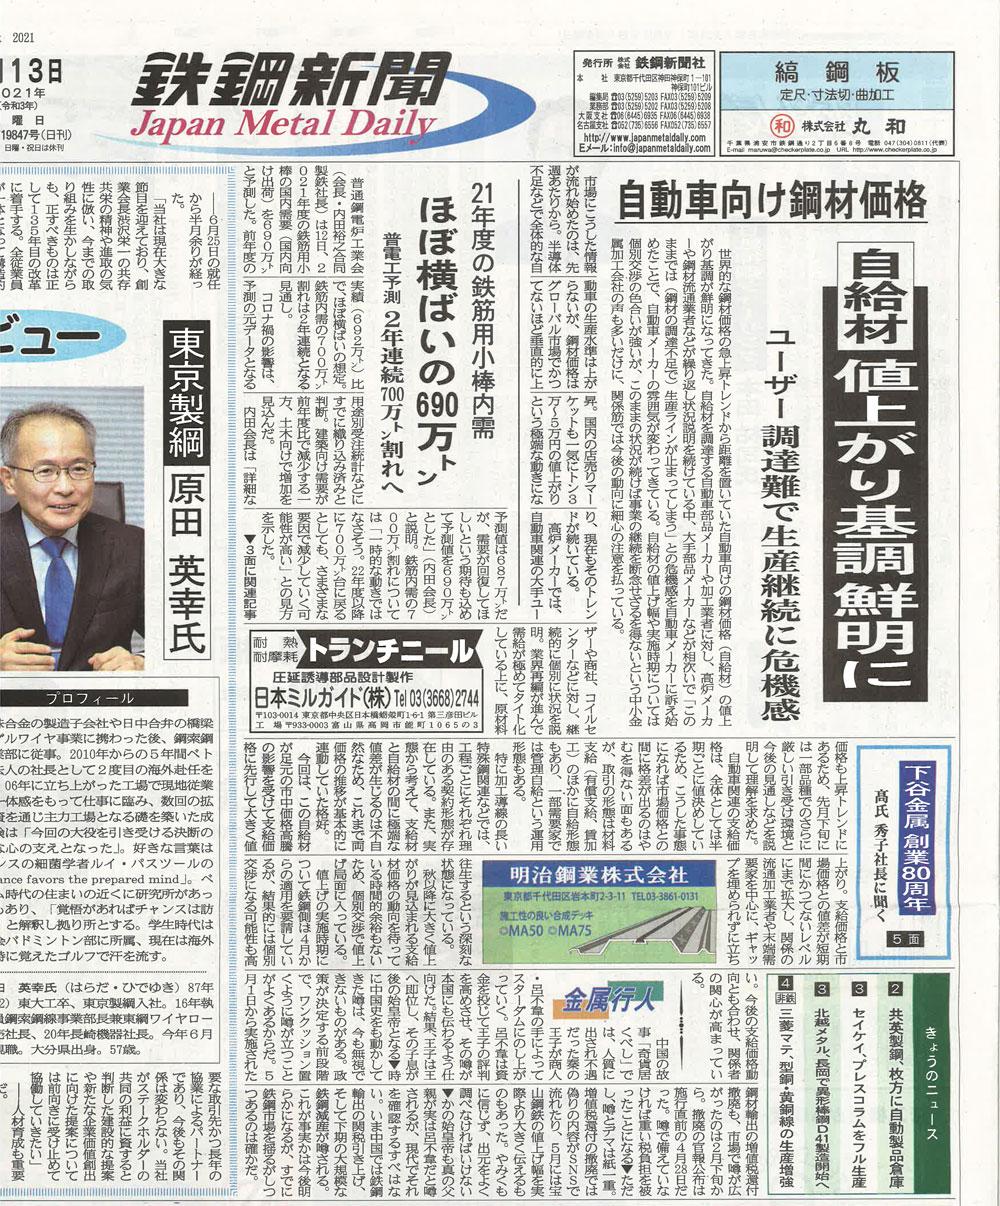 20210713鉄鋼新聞